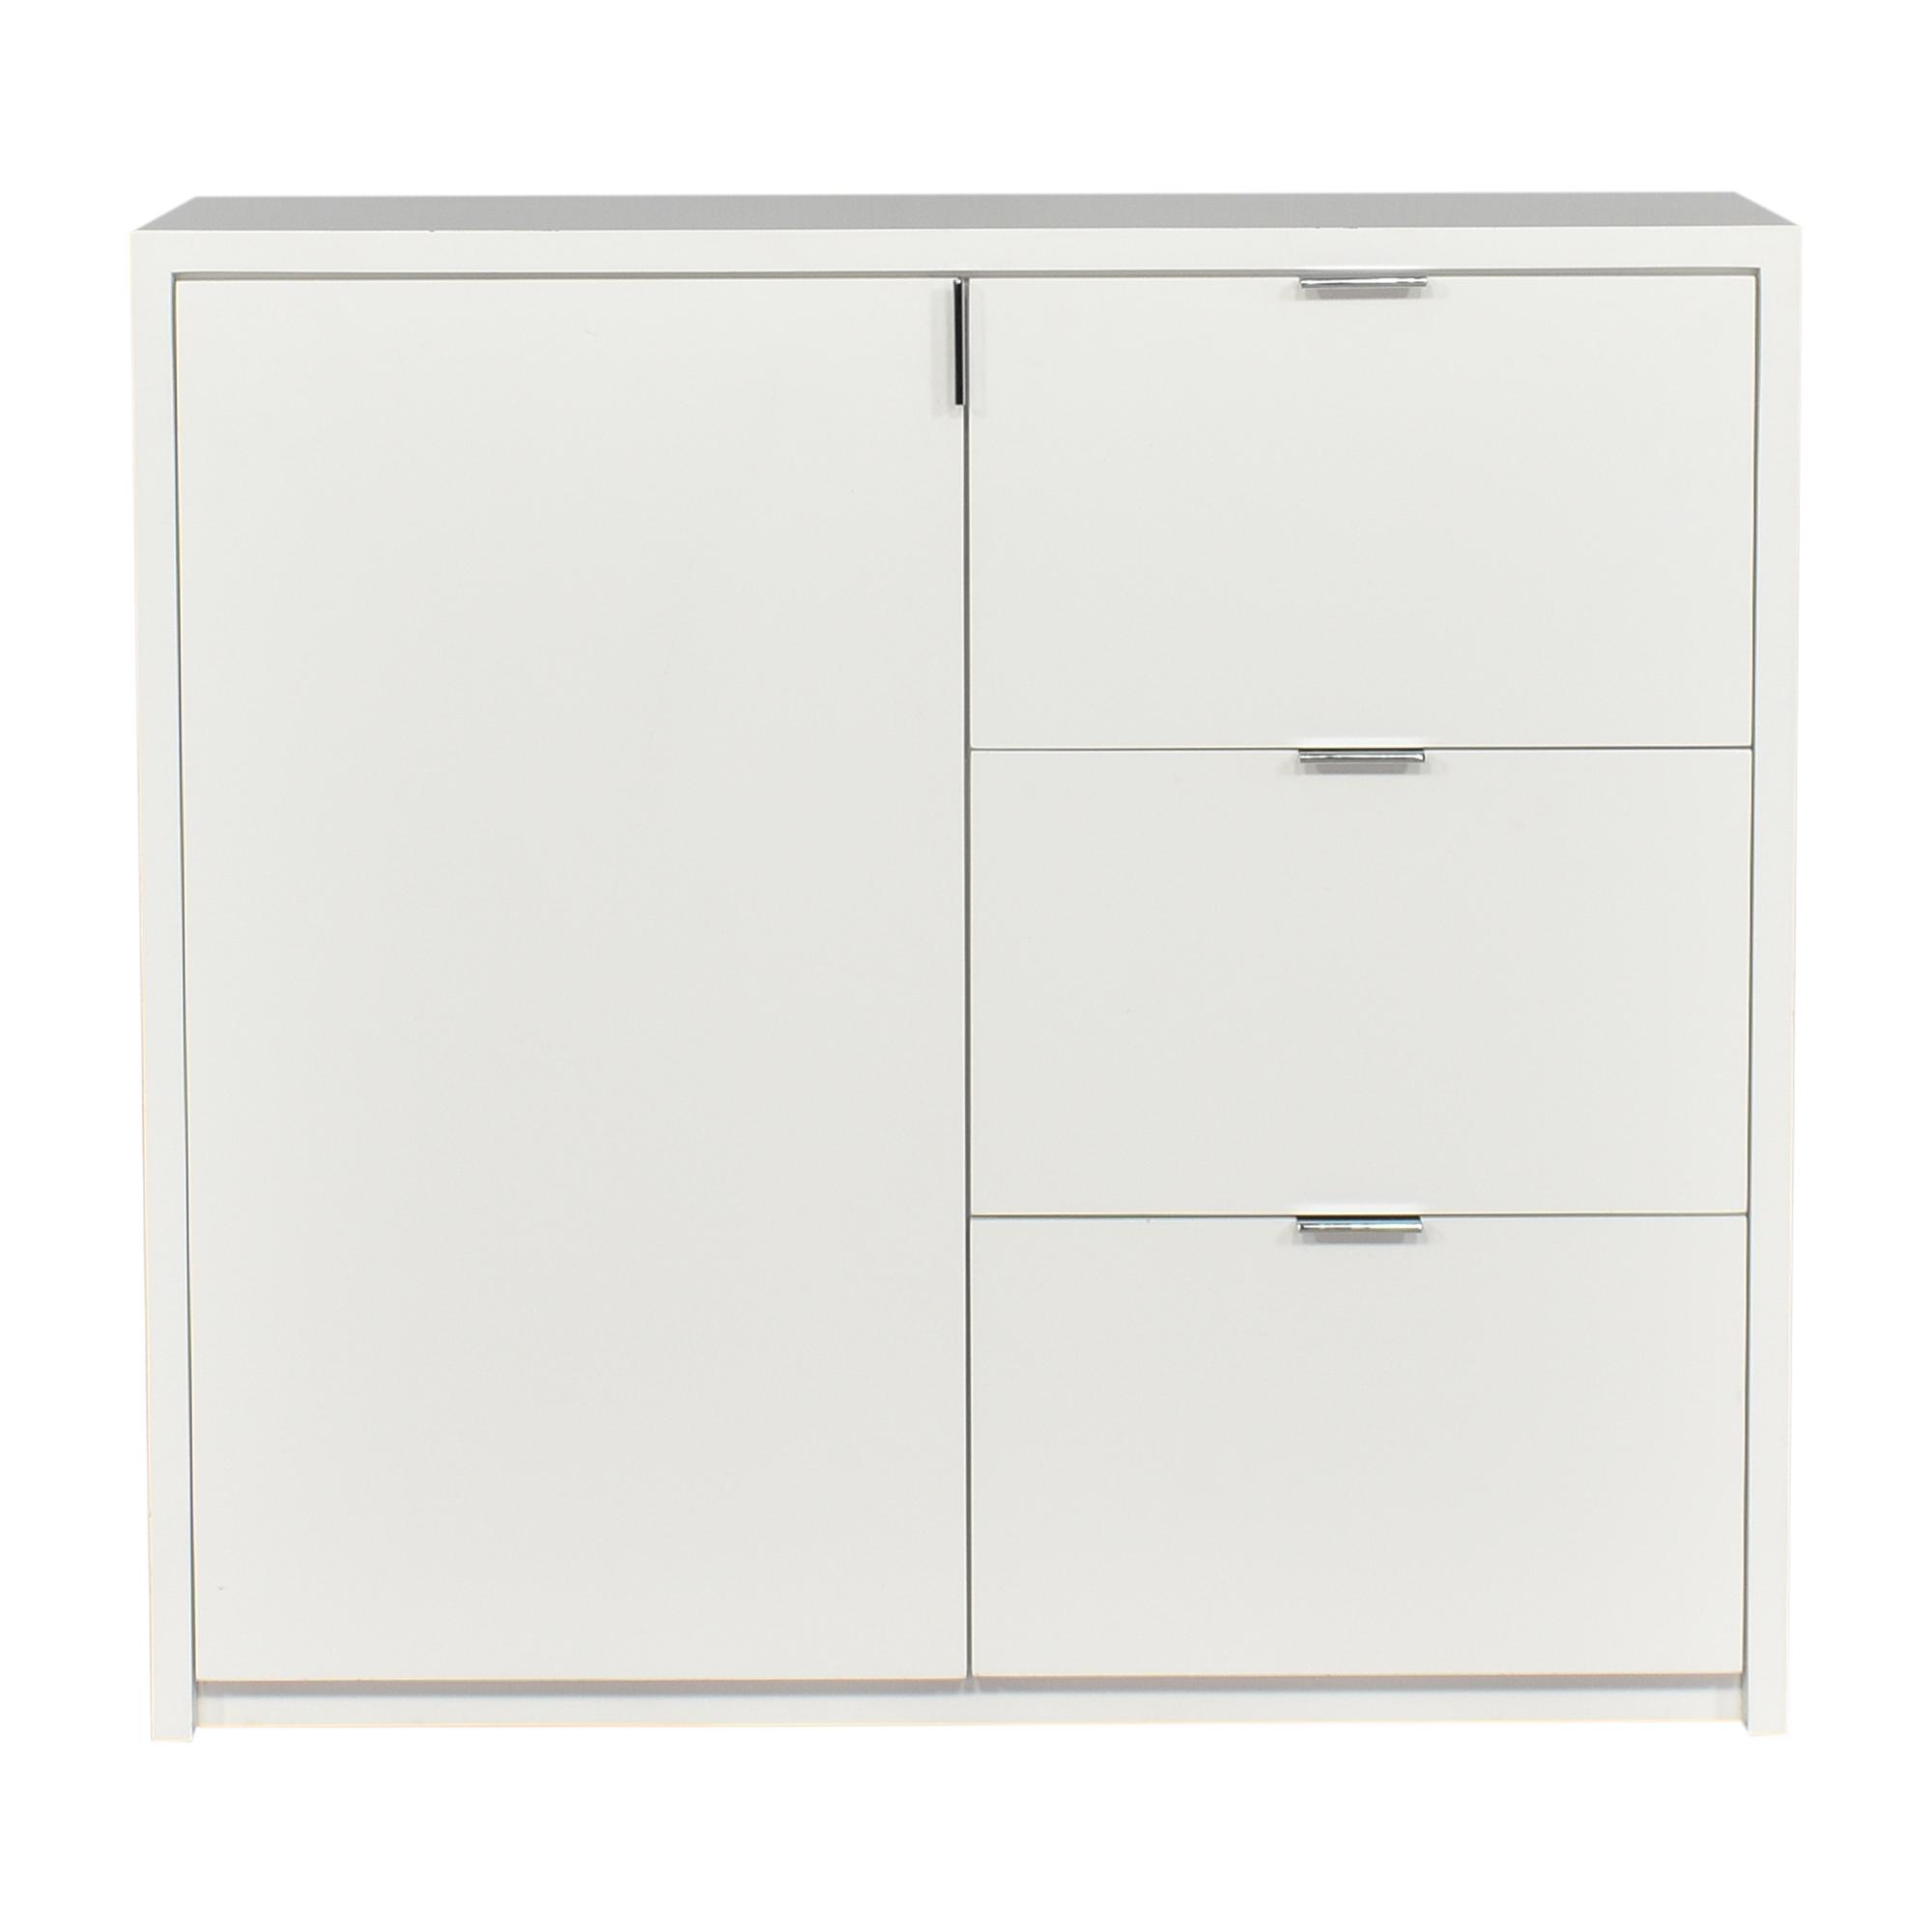 shop Modern Three Drawer Dresser with Cabinet